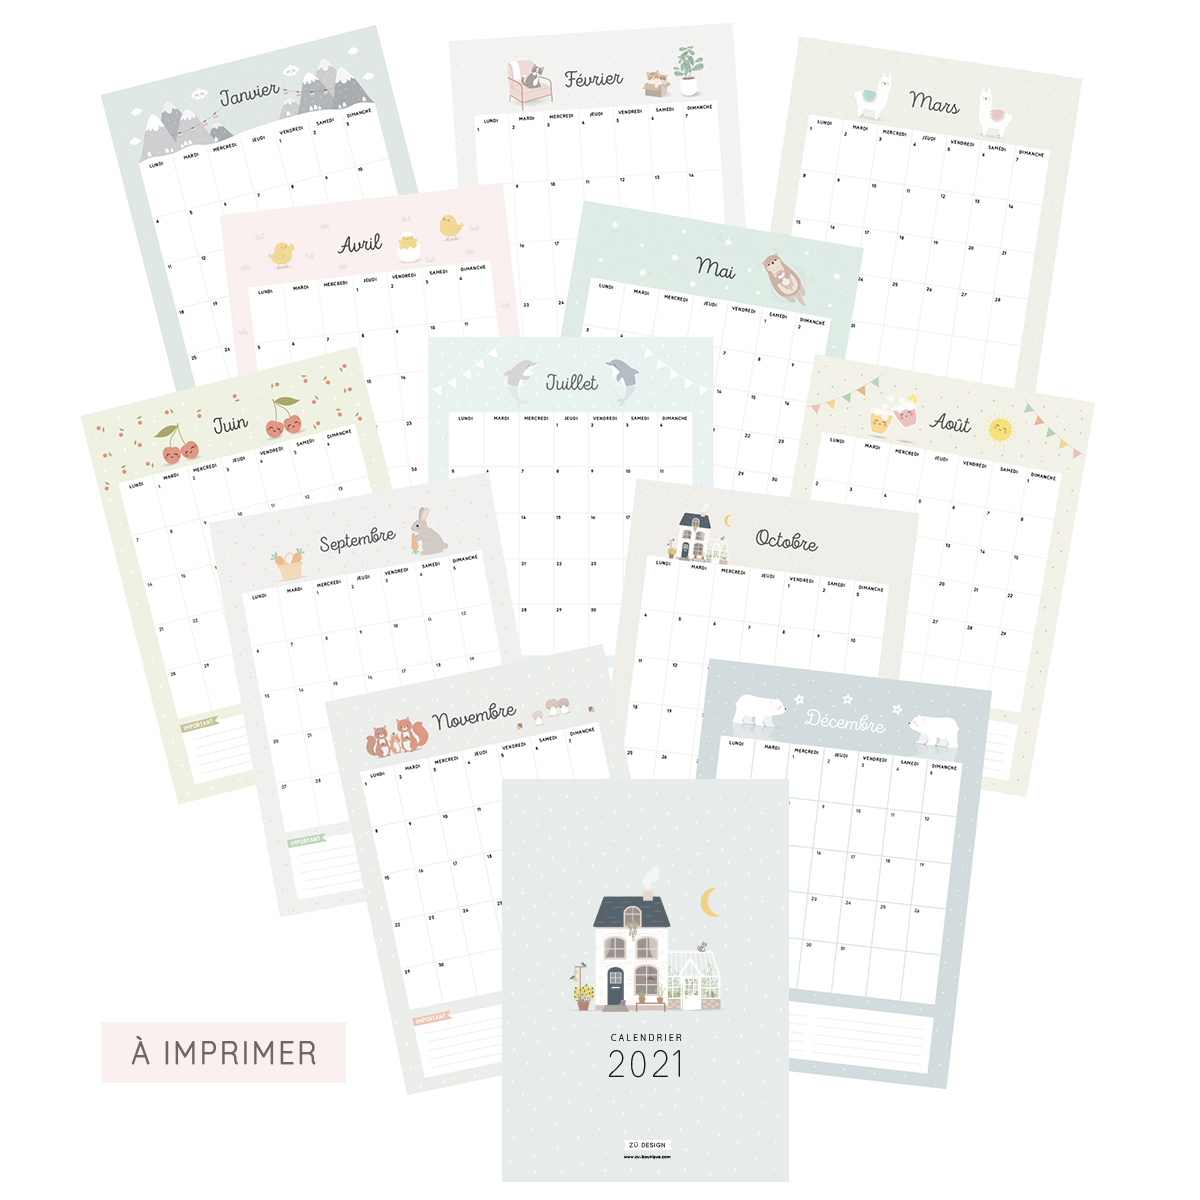 Calendrier mensuel 2021 à imprimer au format A4 Zü boutique